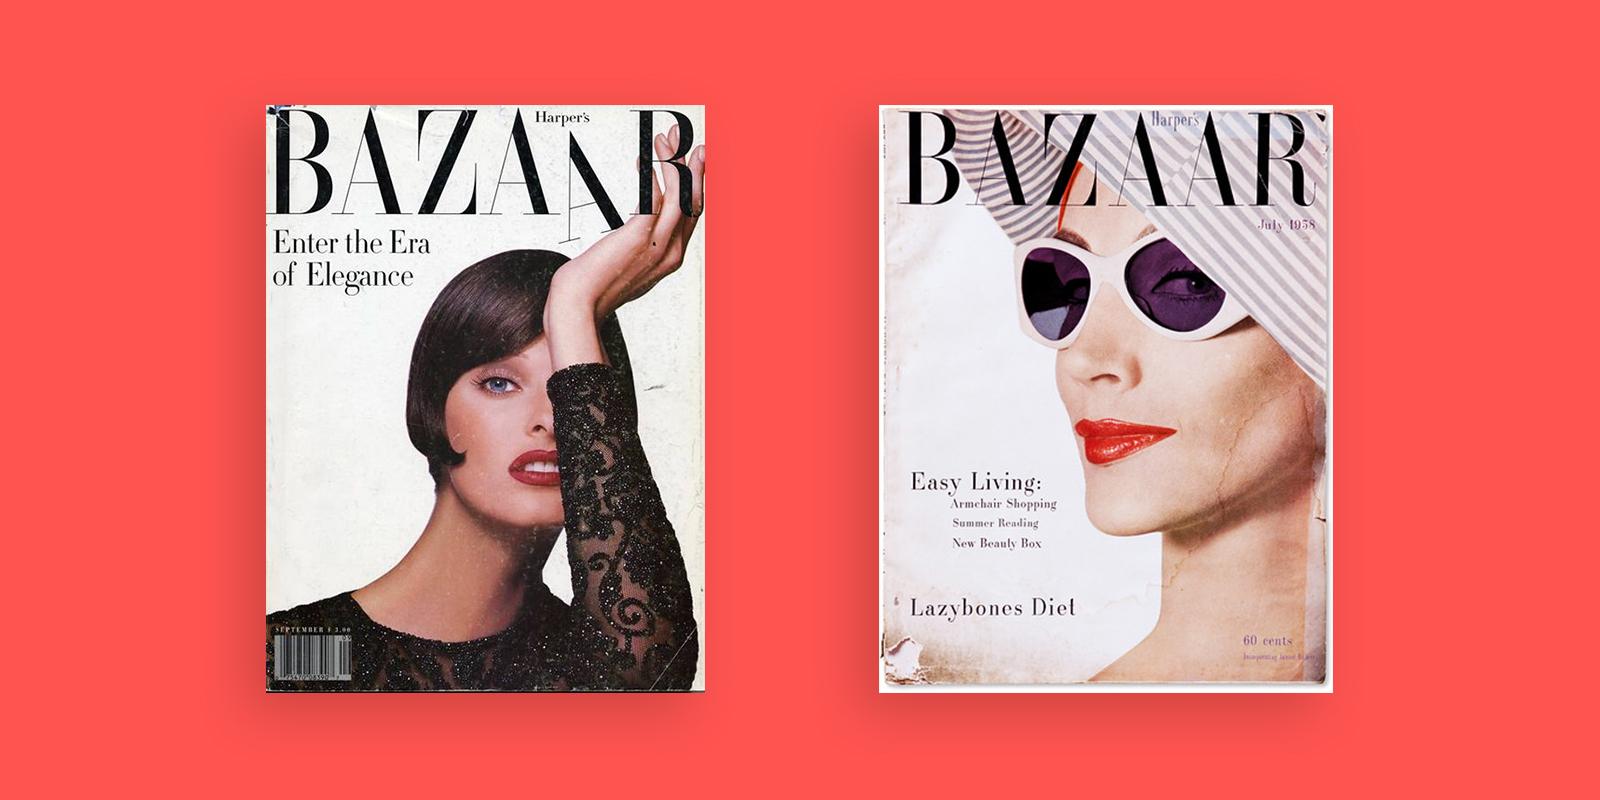 Harpers Bazaar Cover Didot Typeface 2